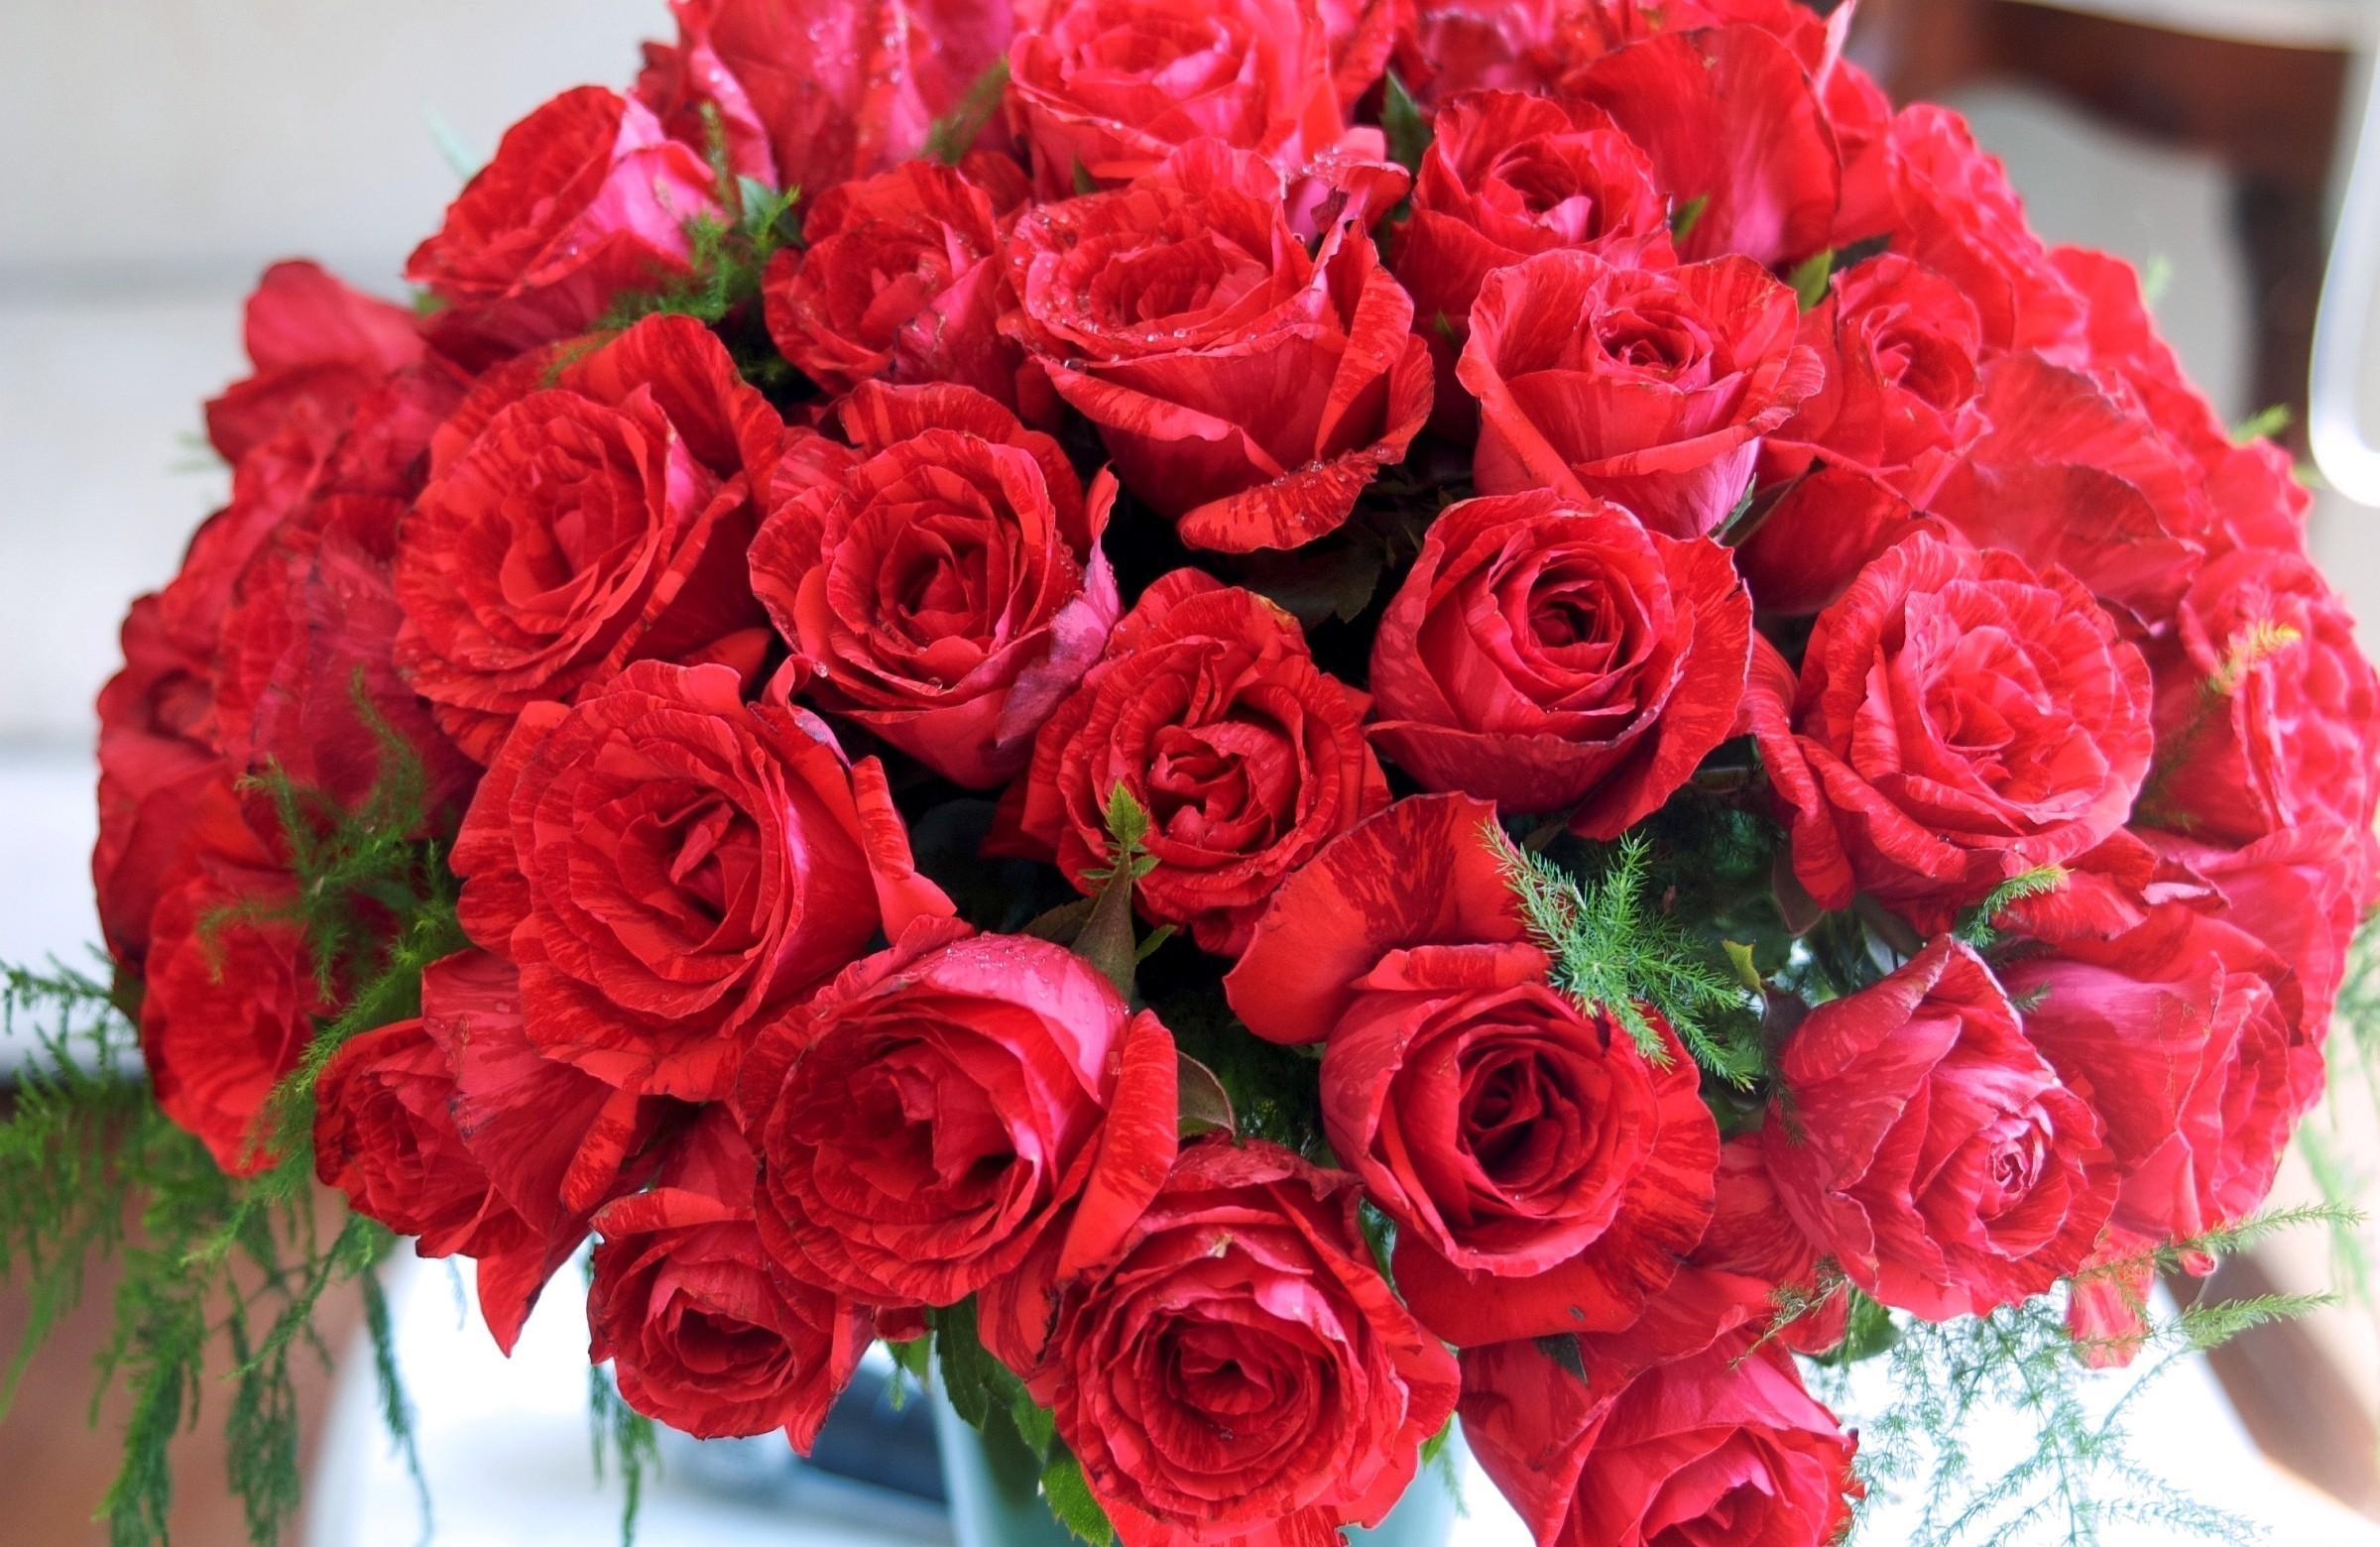 105538 Заставки и Обои Розы на телефон. Скачать Розы, Цветы, Букет, Шикарно картинки бесплатно